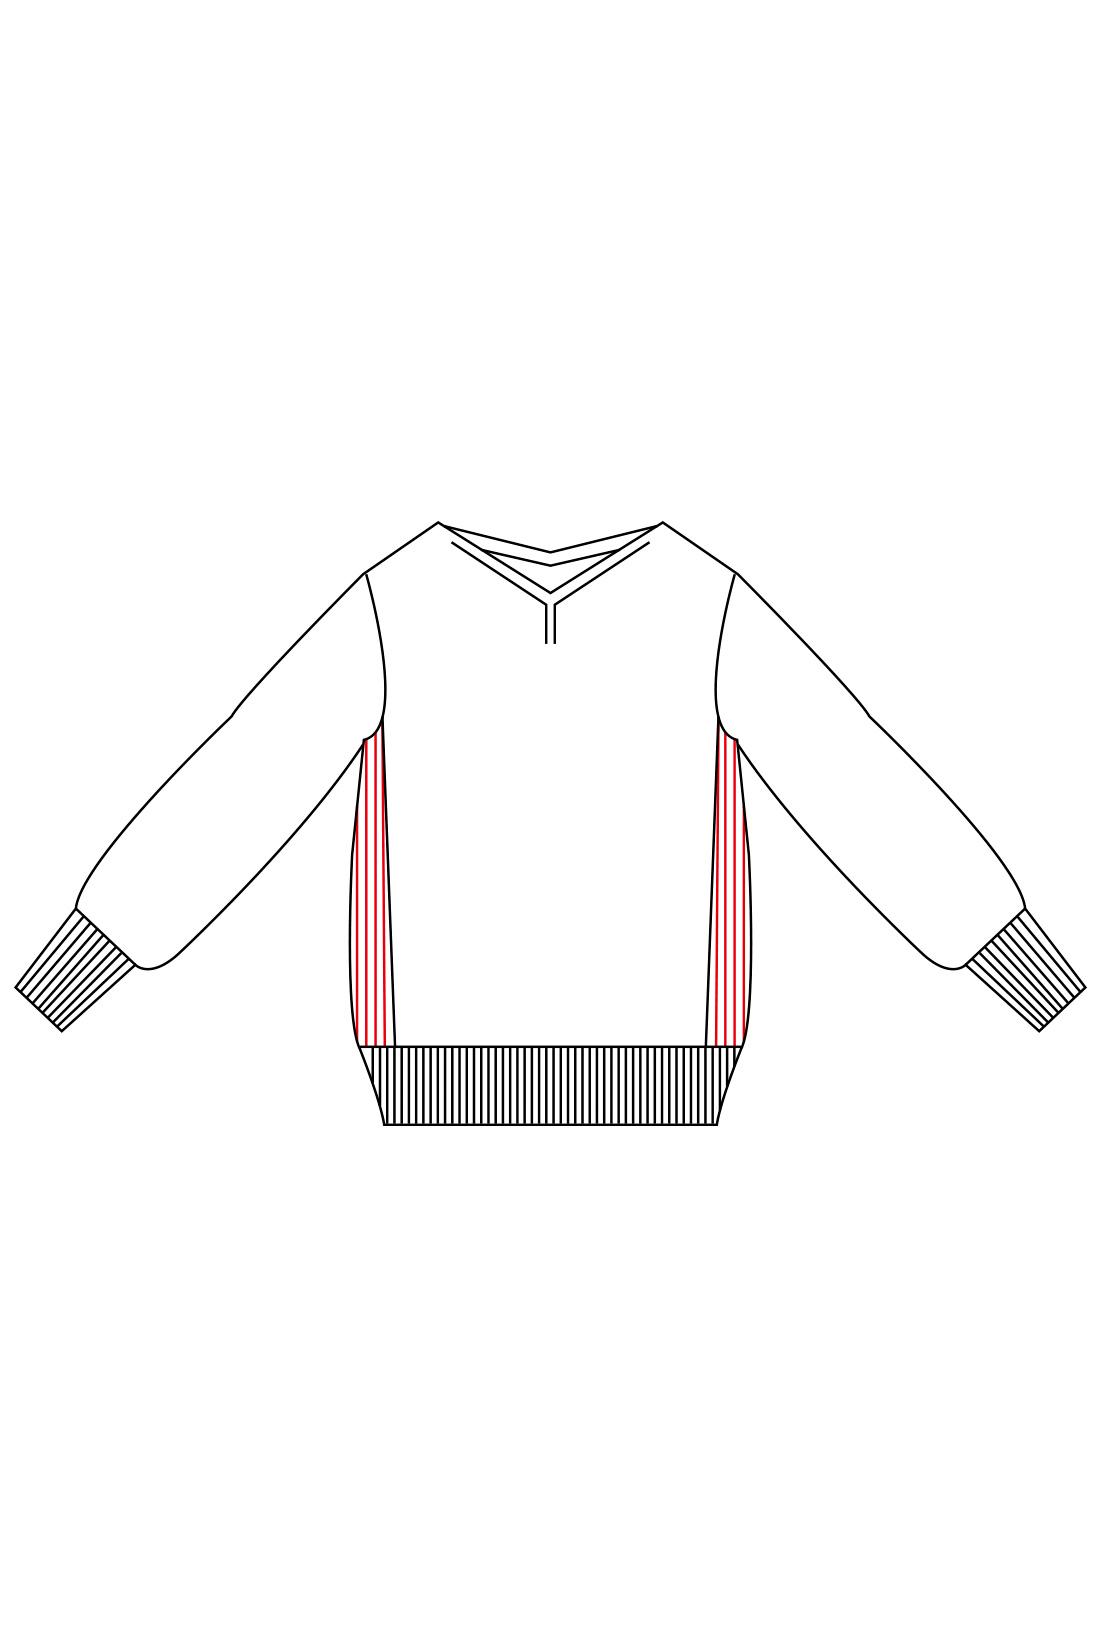 わきを縦リブ編みにすることで、細見え効果をアップ。